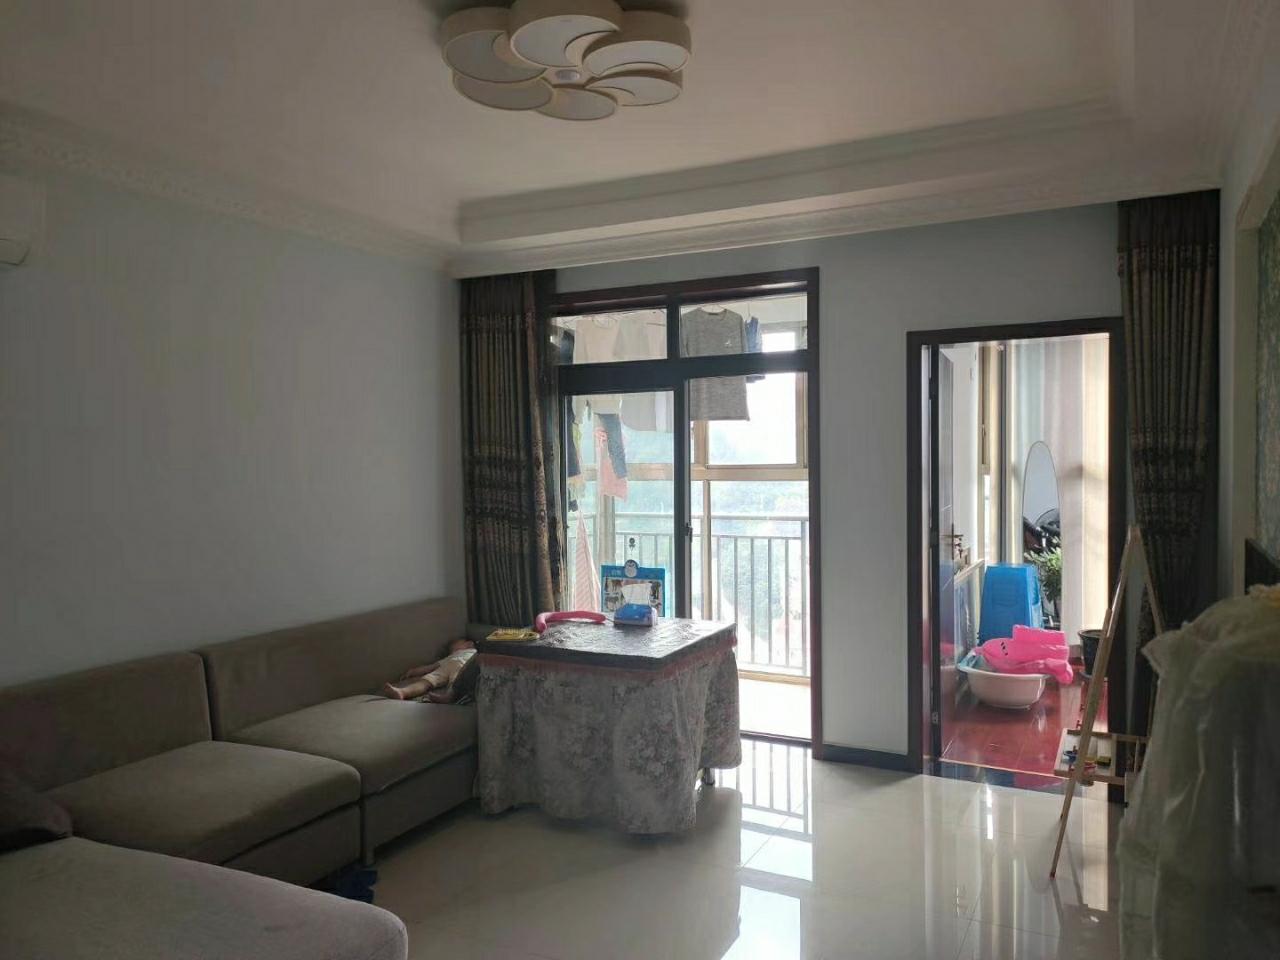 晋鹏·山台山3室 2厅 1卫55.8万元